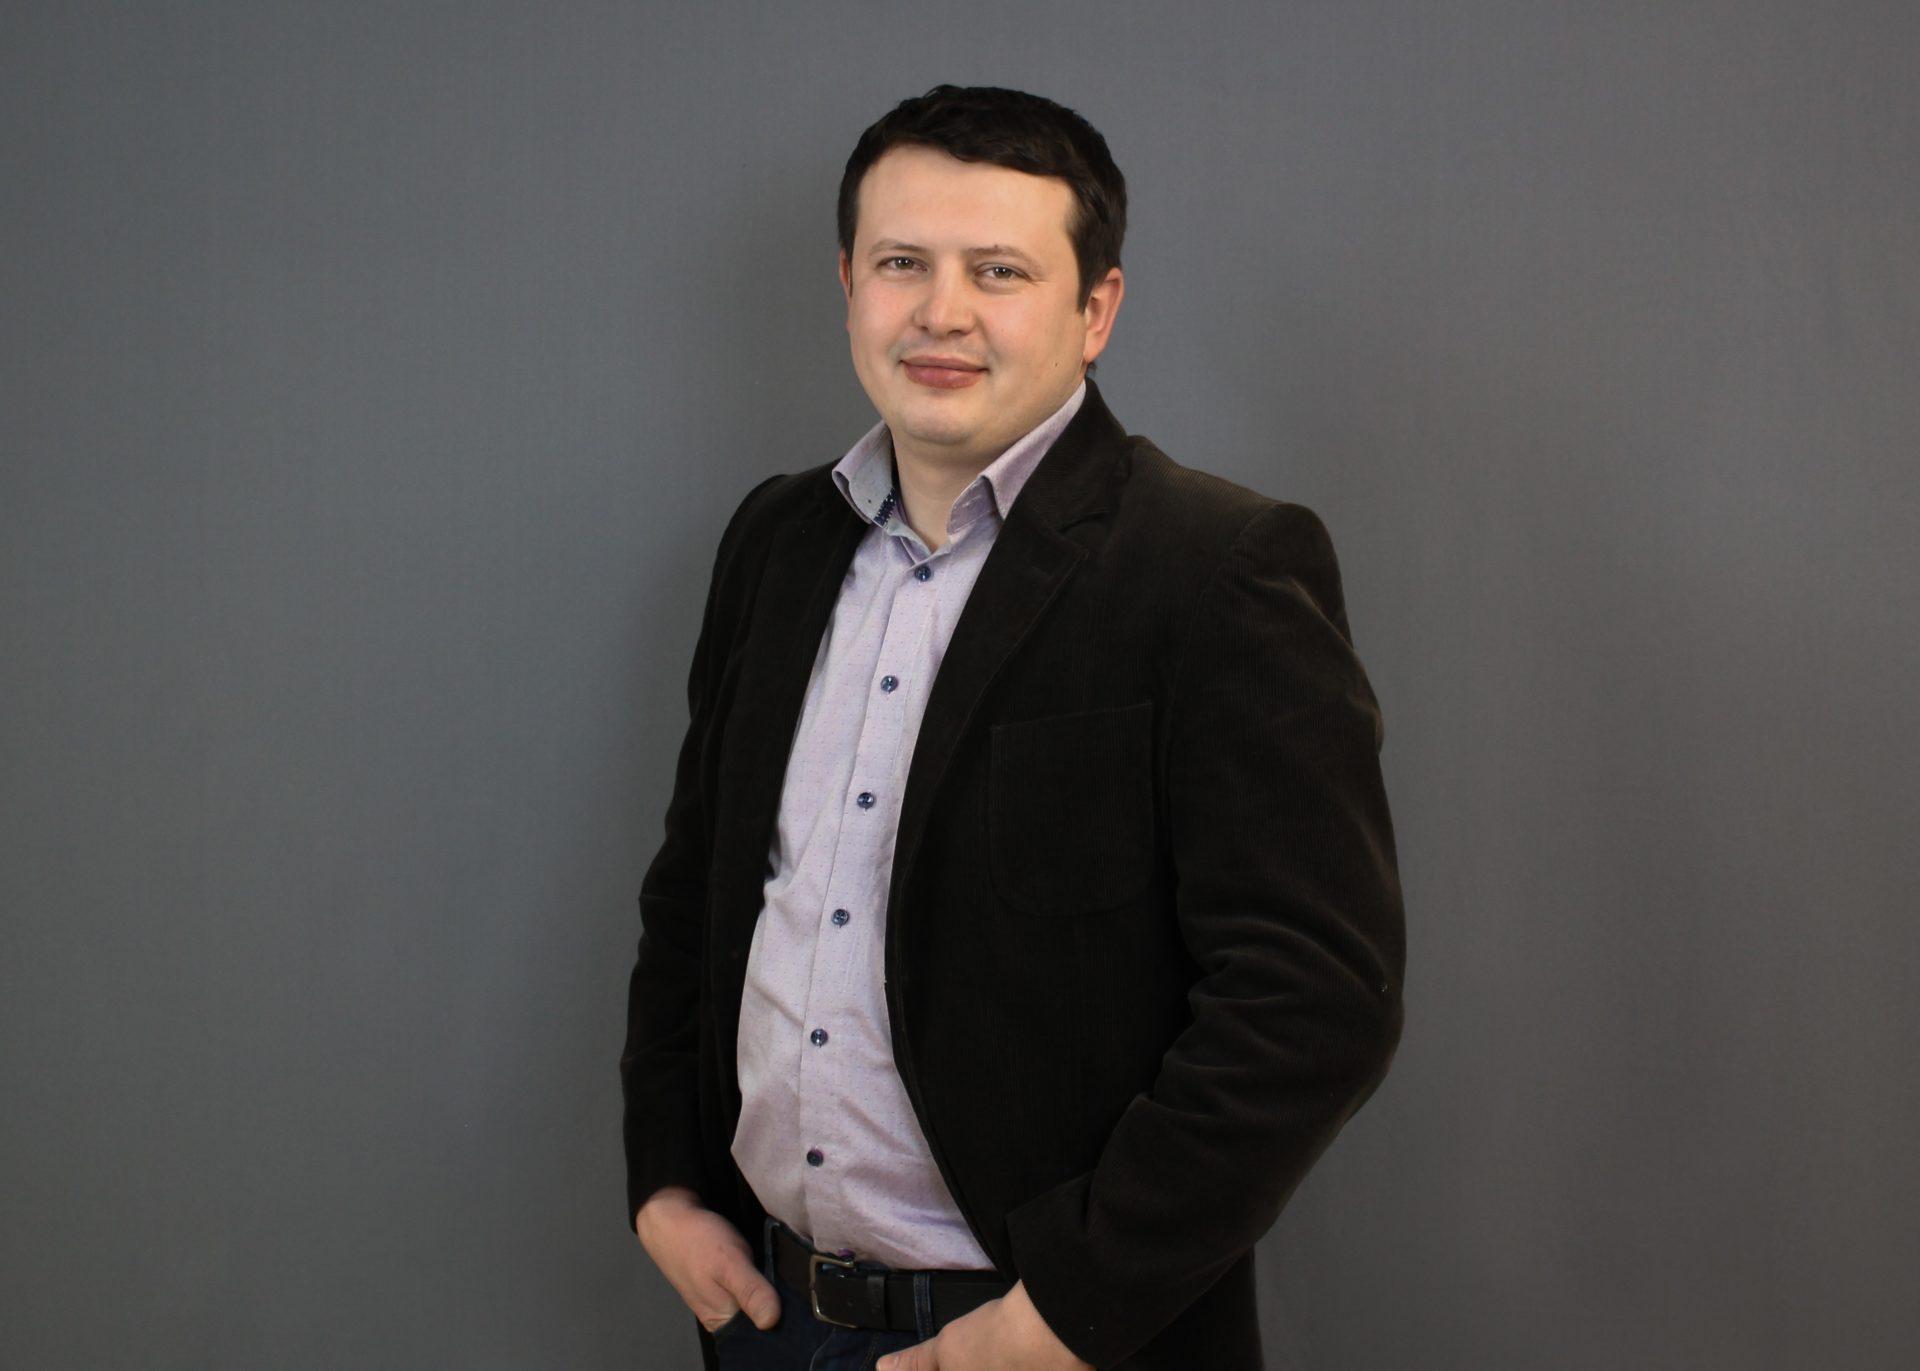 Ein Portrait von dem Chief Financial Officer Paul Bauer vor einem grauen Hintergrund